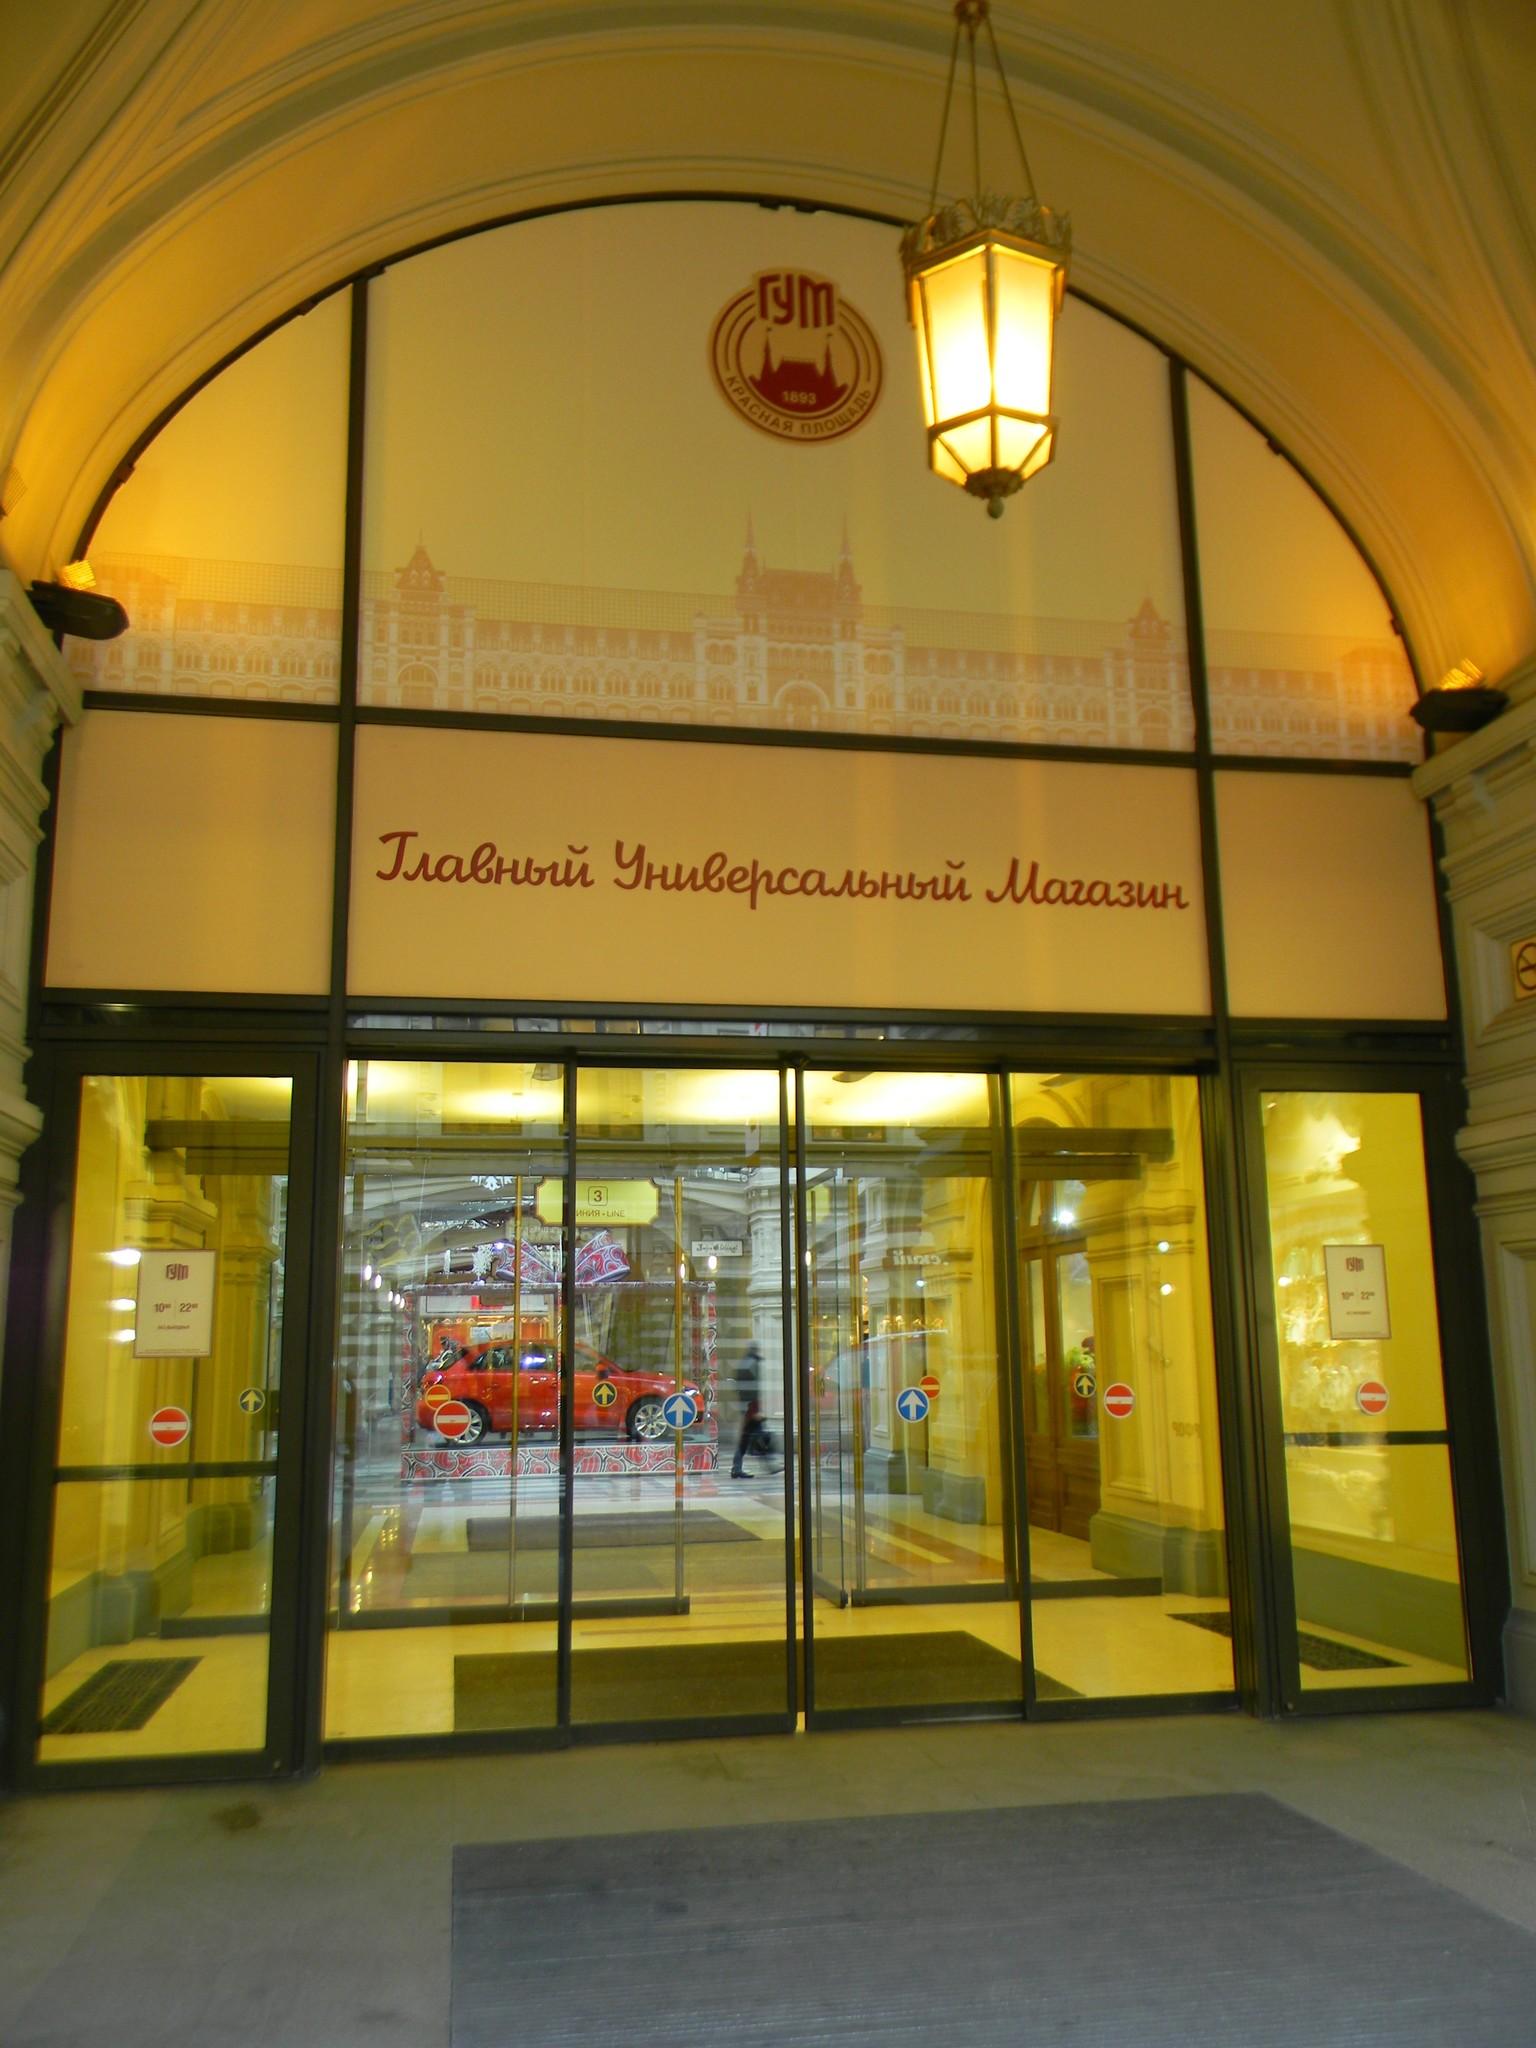 Главный универсальный магазин